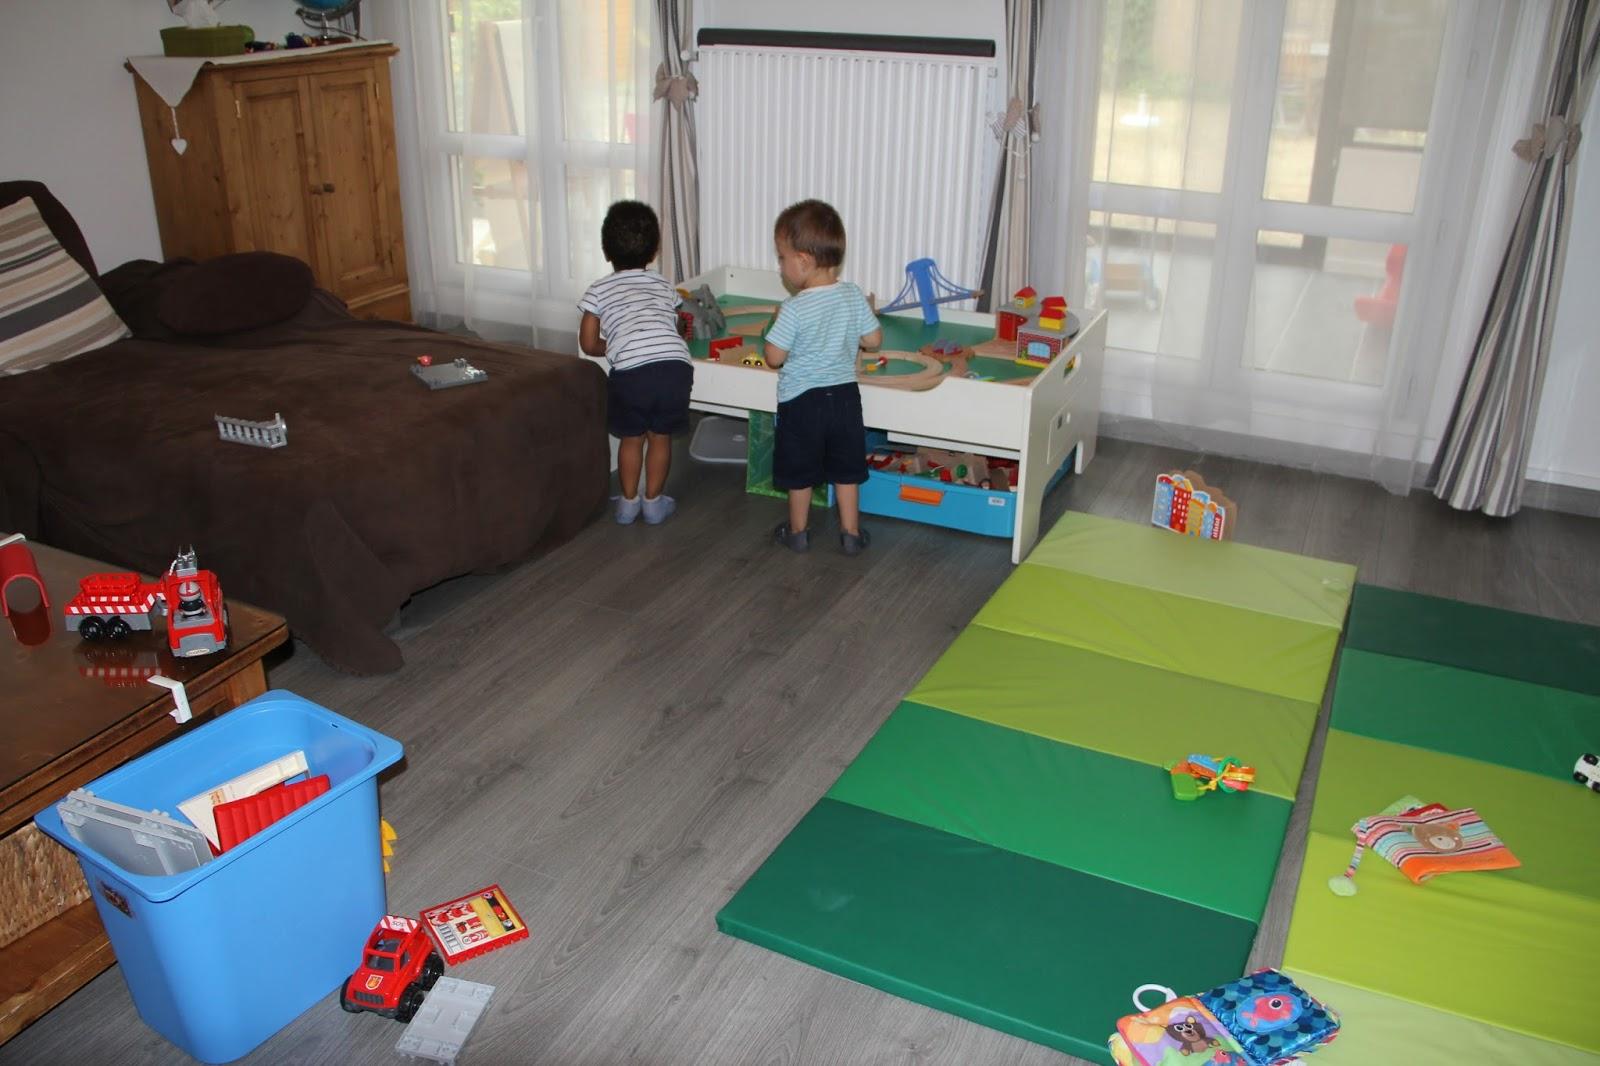 assistante maternelle a bretigny sur orge quelques photos. Black Bedroom Furniture Sets. Home Design Ideas